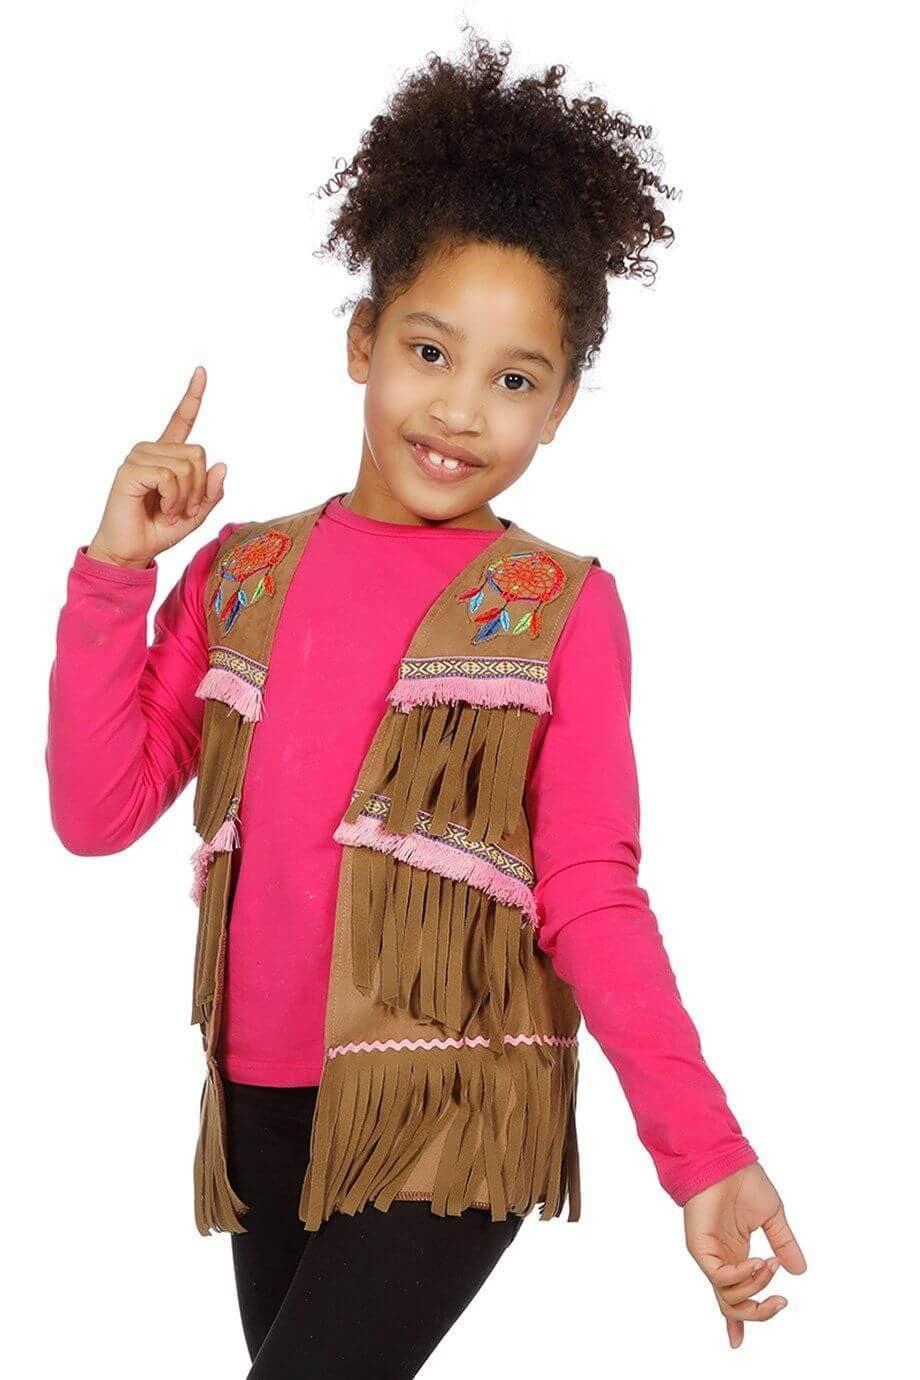 Hesje indianenmeisje/hippie